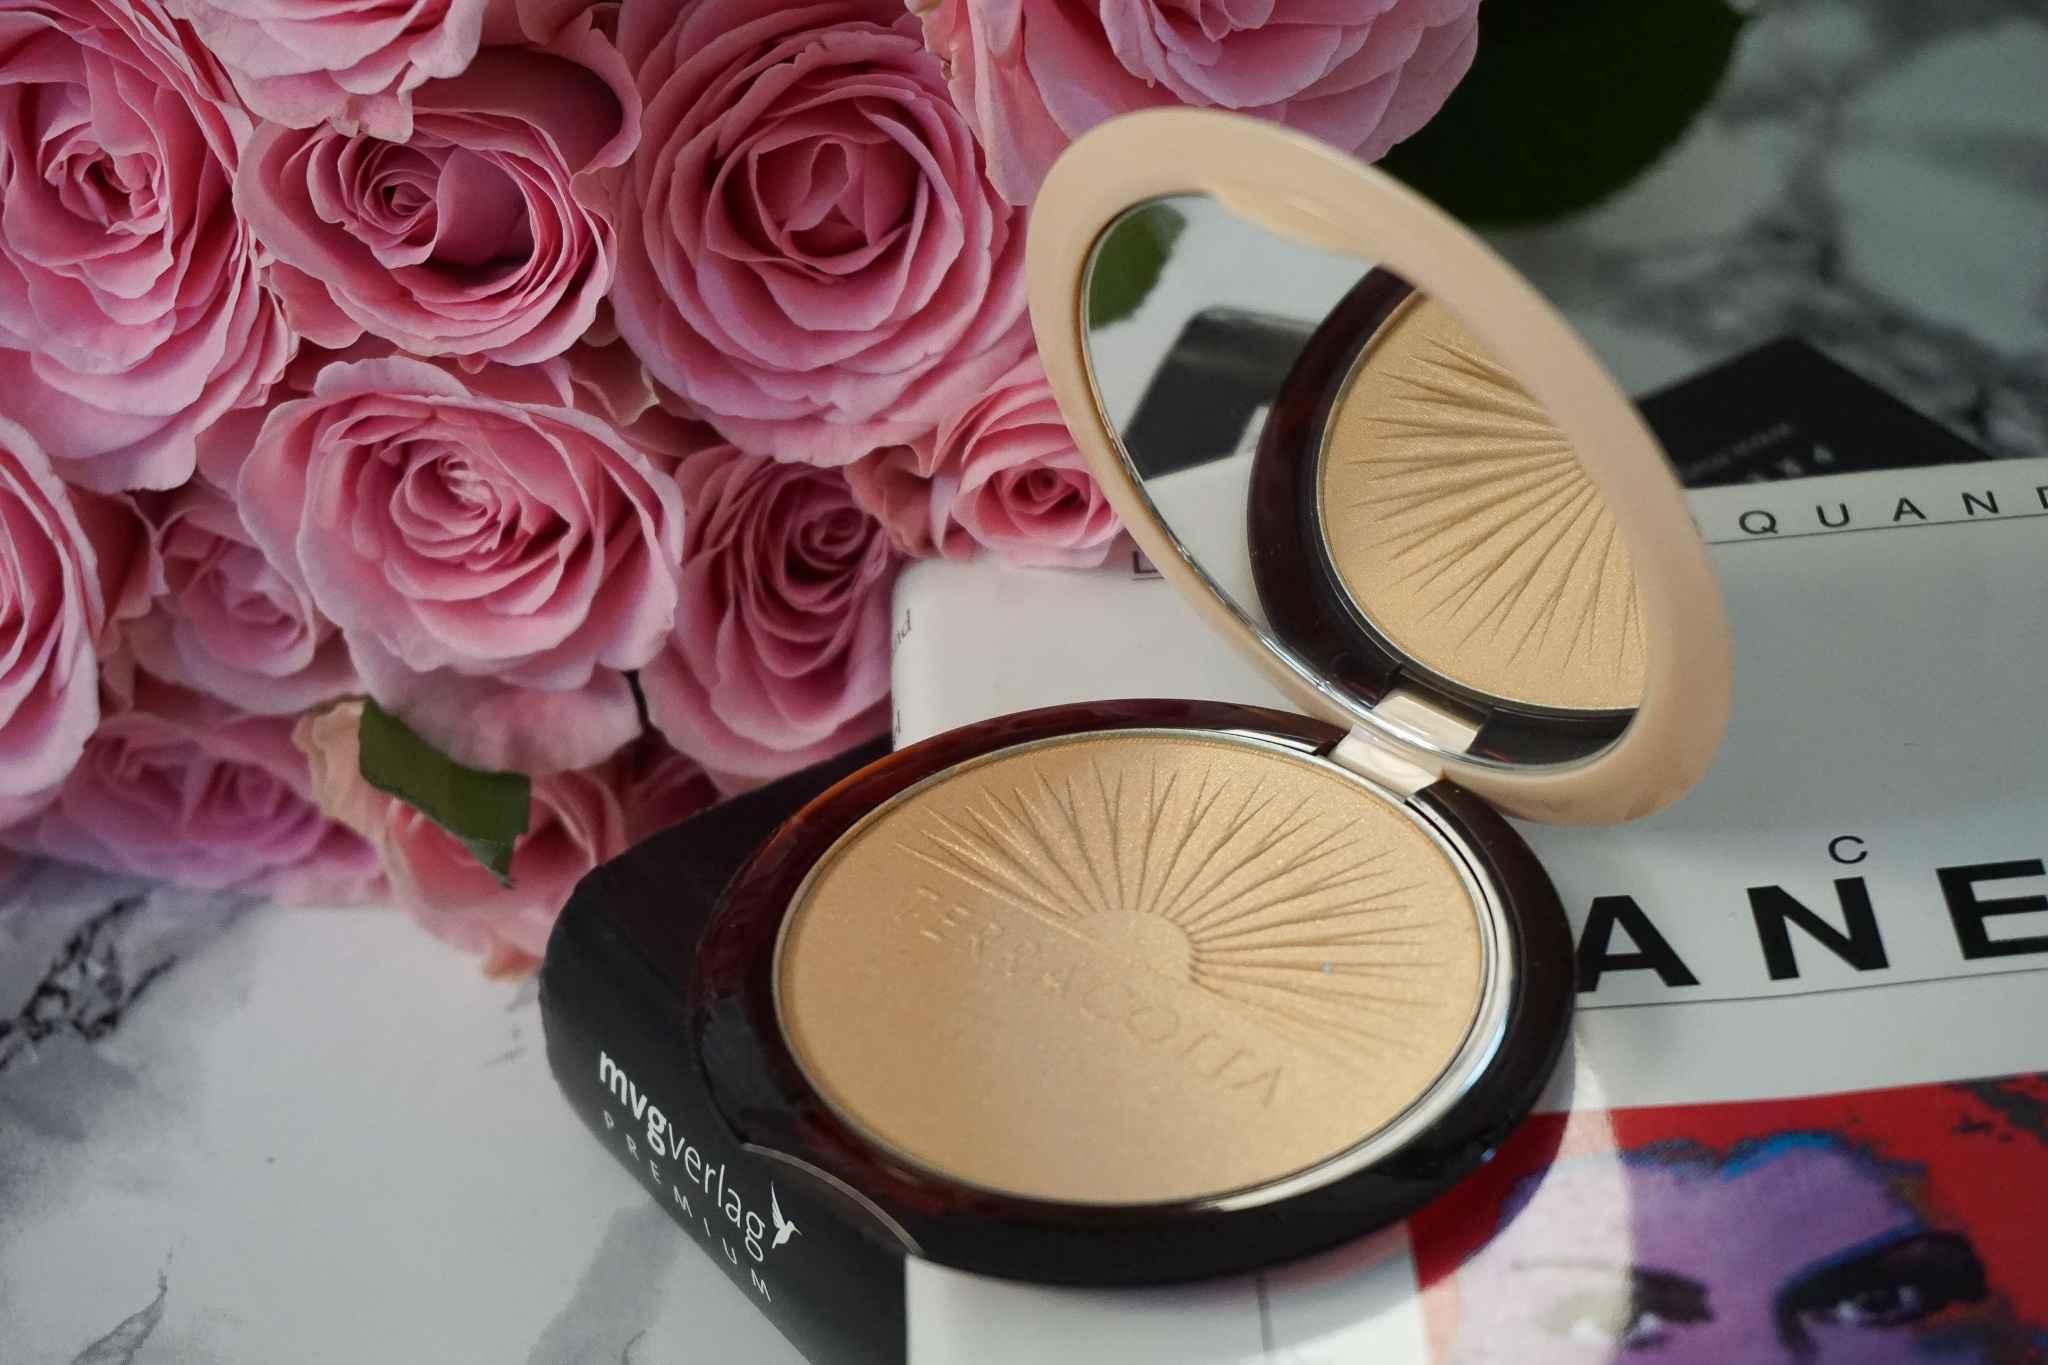 guerlain Terracotta Summer Highlight Bronzing Powder makeup review